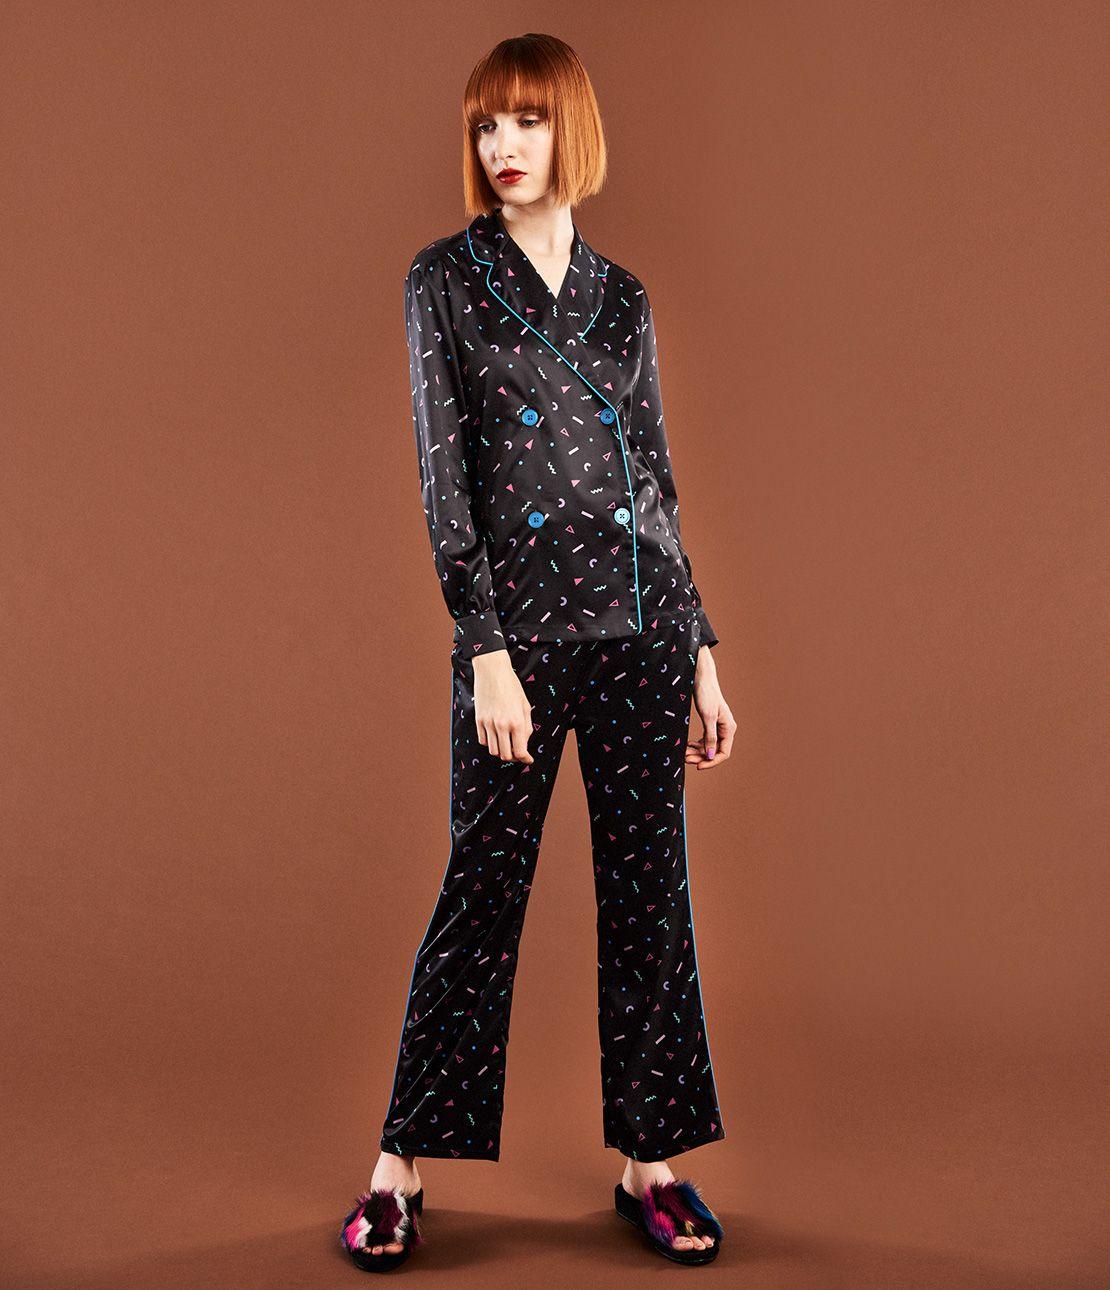 YM satin double pajamas